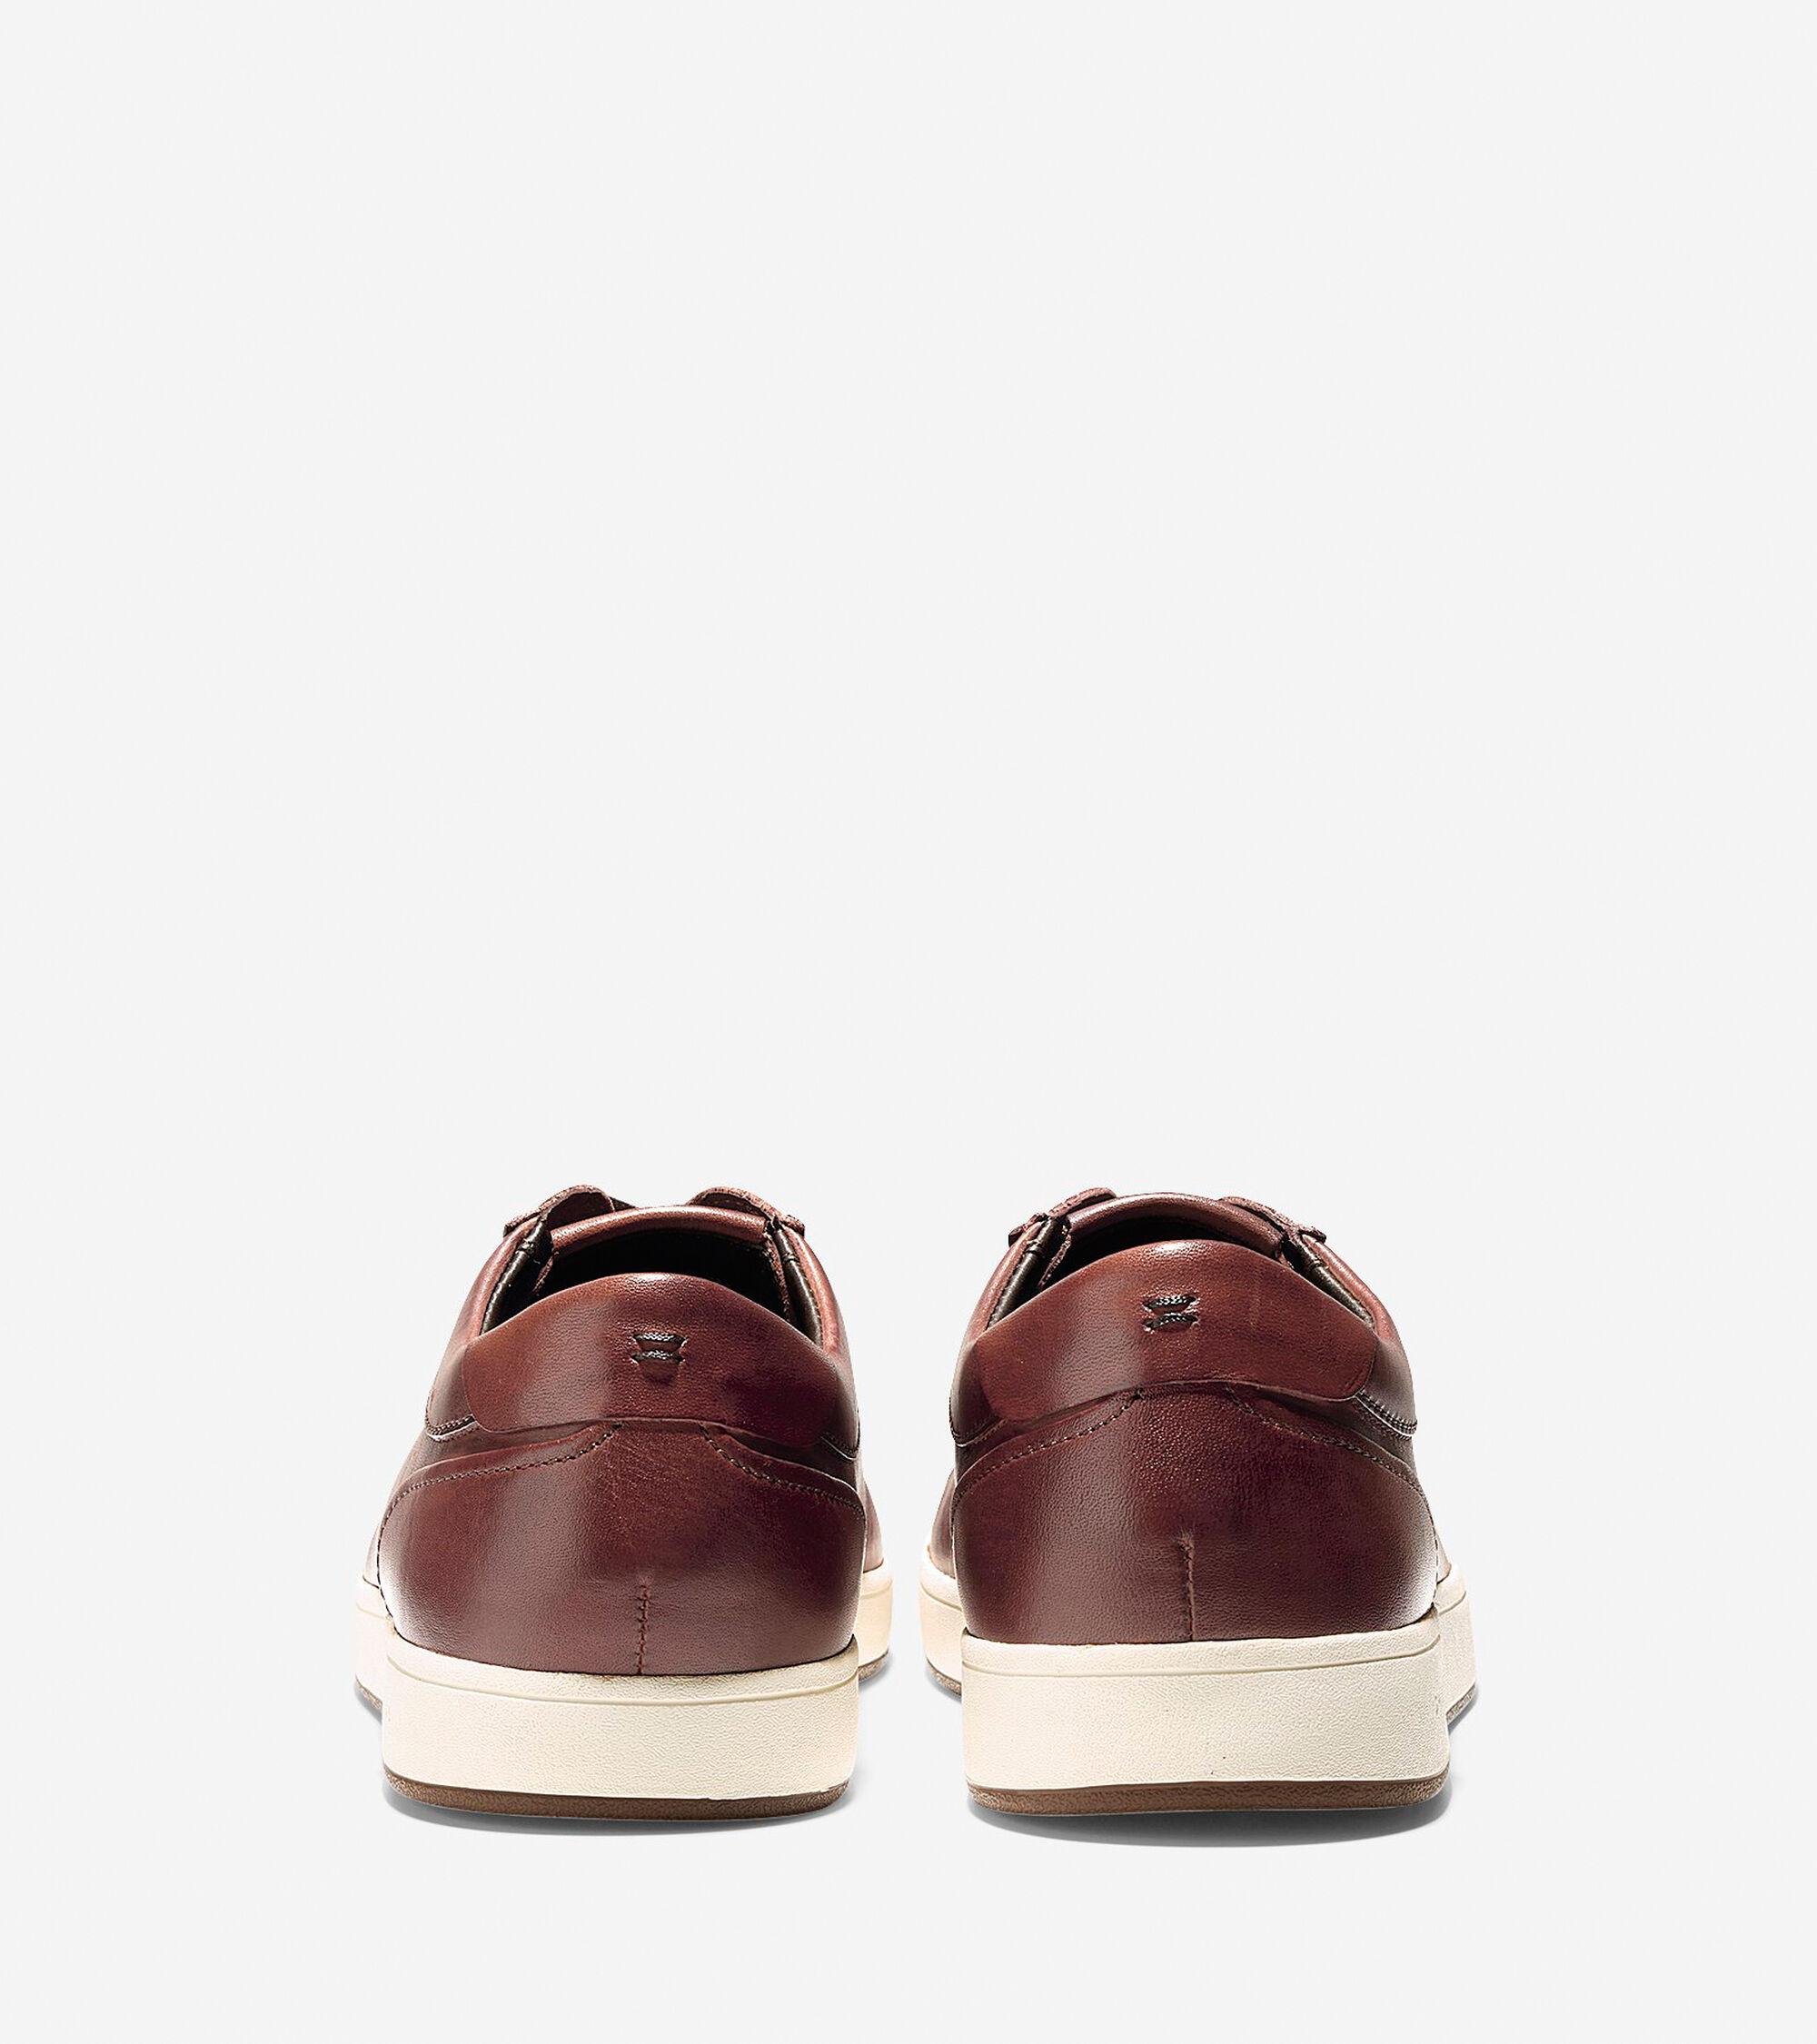 9e7389cde ... Men s GrandPrø Spectator Sneaker · Men s GrandPrø Spectator Sneaker ·  Men s GrandPrø Spectator Sneaker · Men s GrandPrø Spectator Sneaker.   COLEHAAN